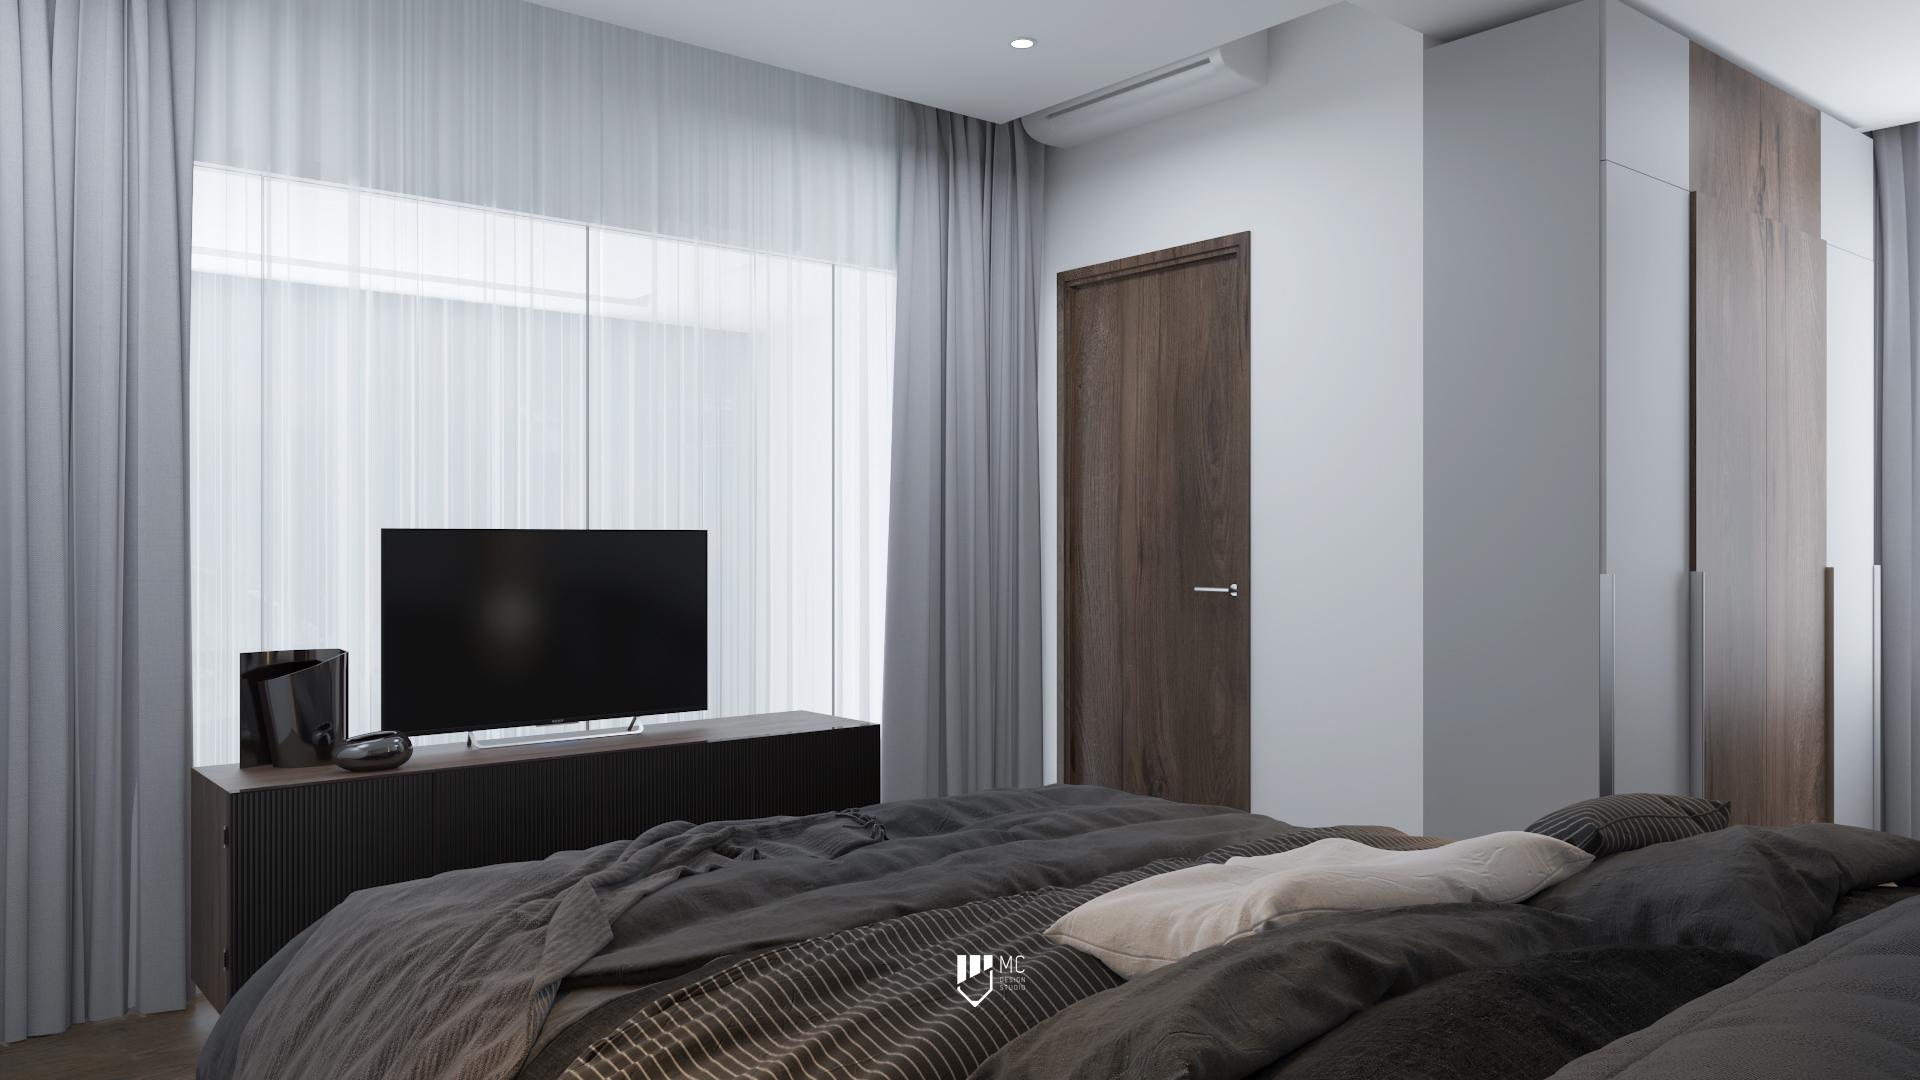 Thiết kế nội thất Chung Cư tại Hồ Chí Minh THE VIEW - DUPLEX 1588586561 10